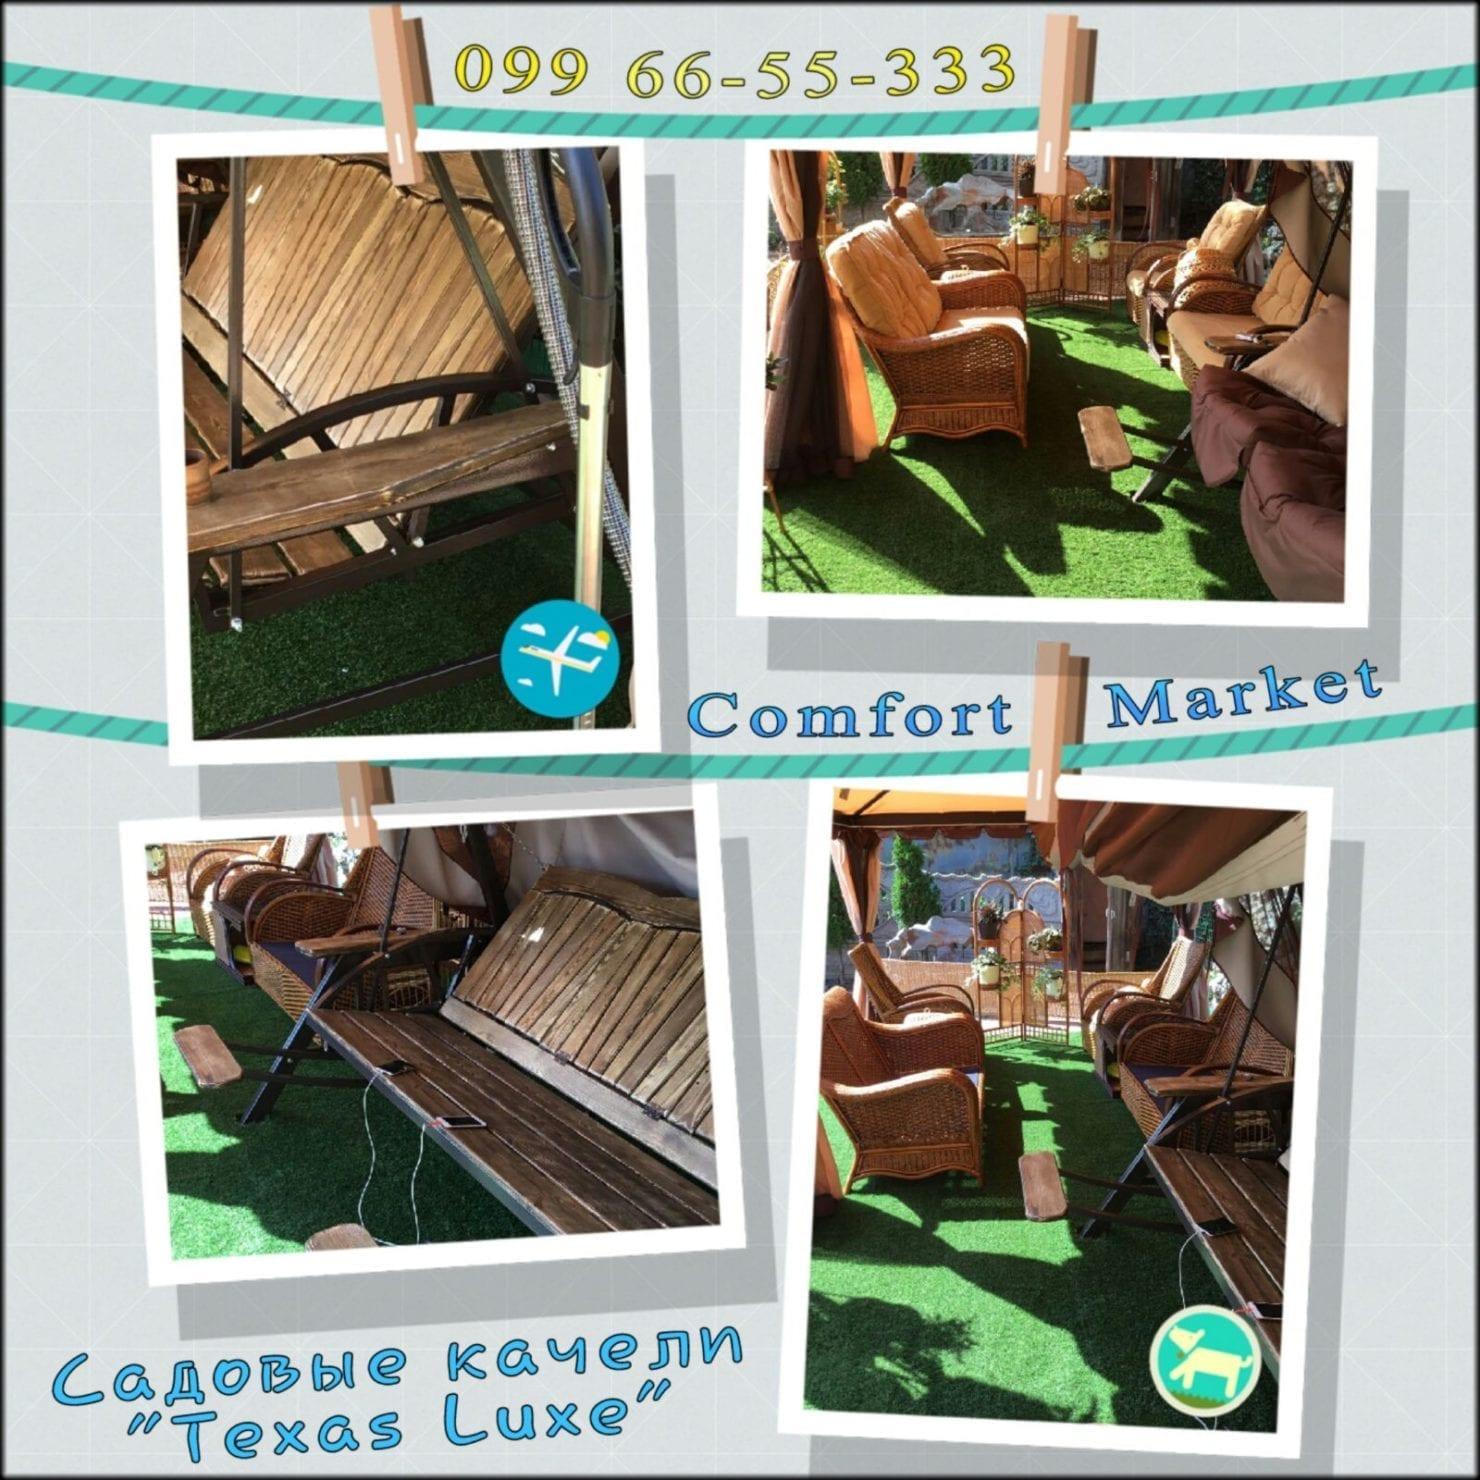 Садовые качели Texas Luxe - обзор Comfort Market, видео. Фото 1